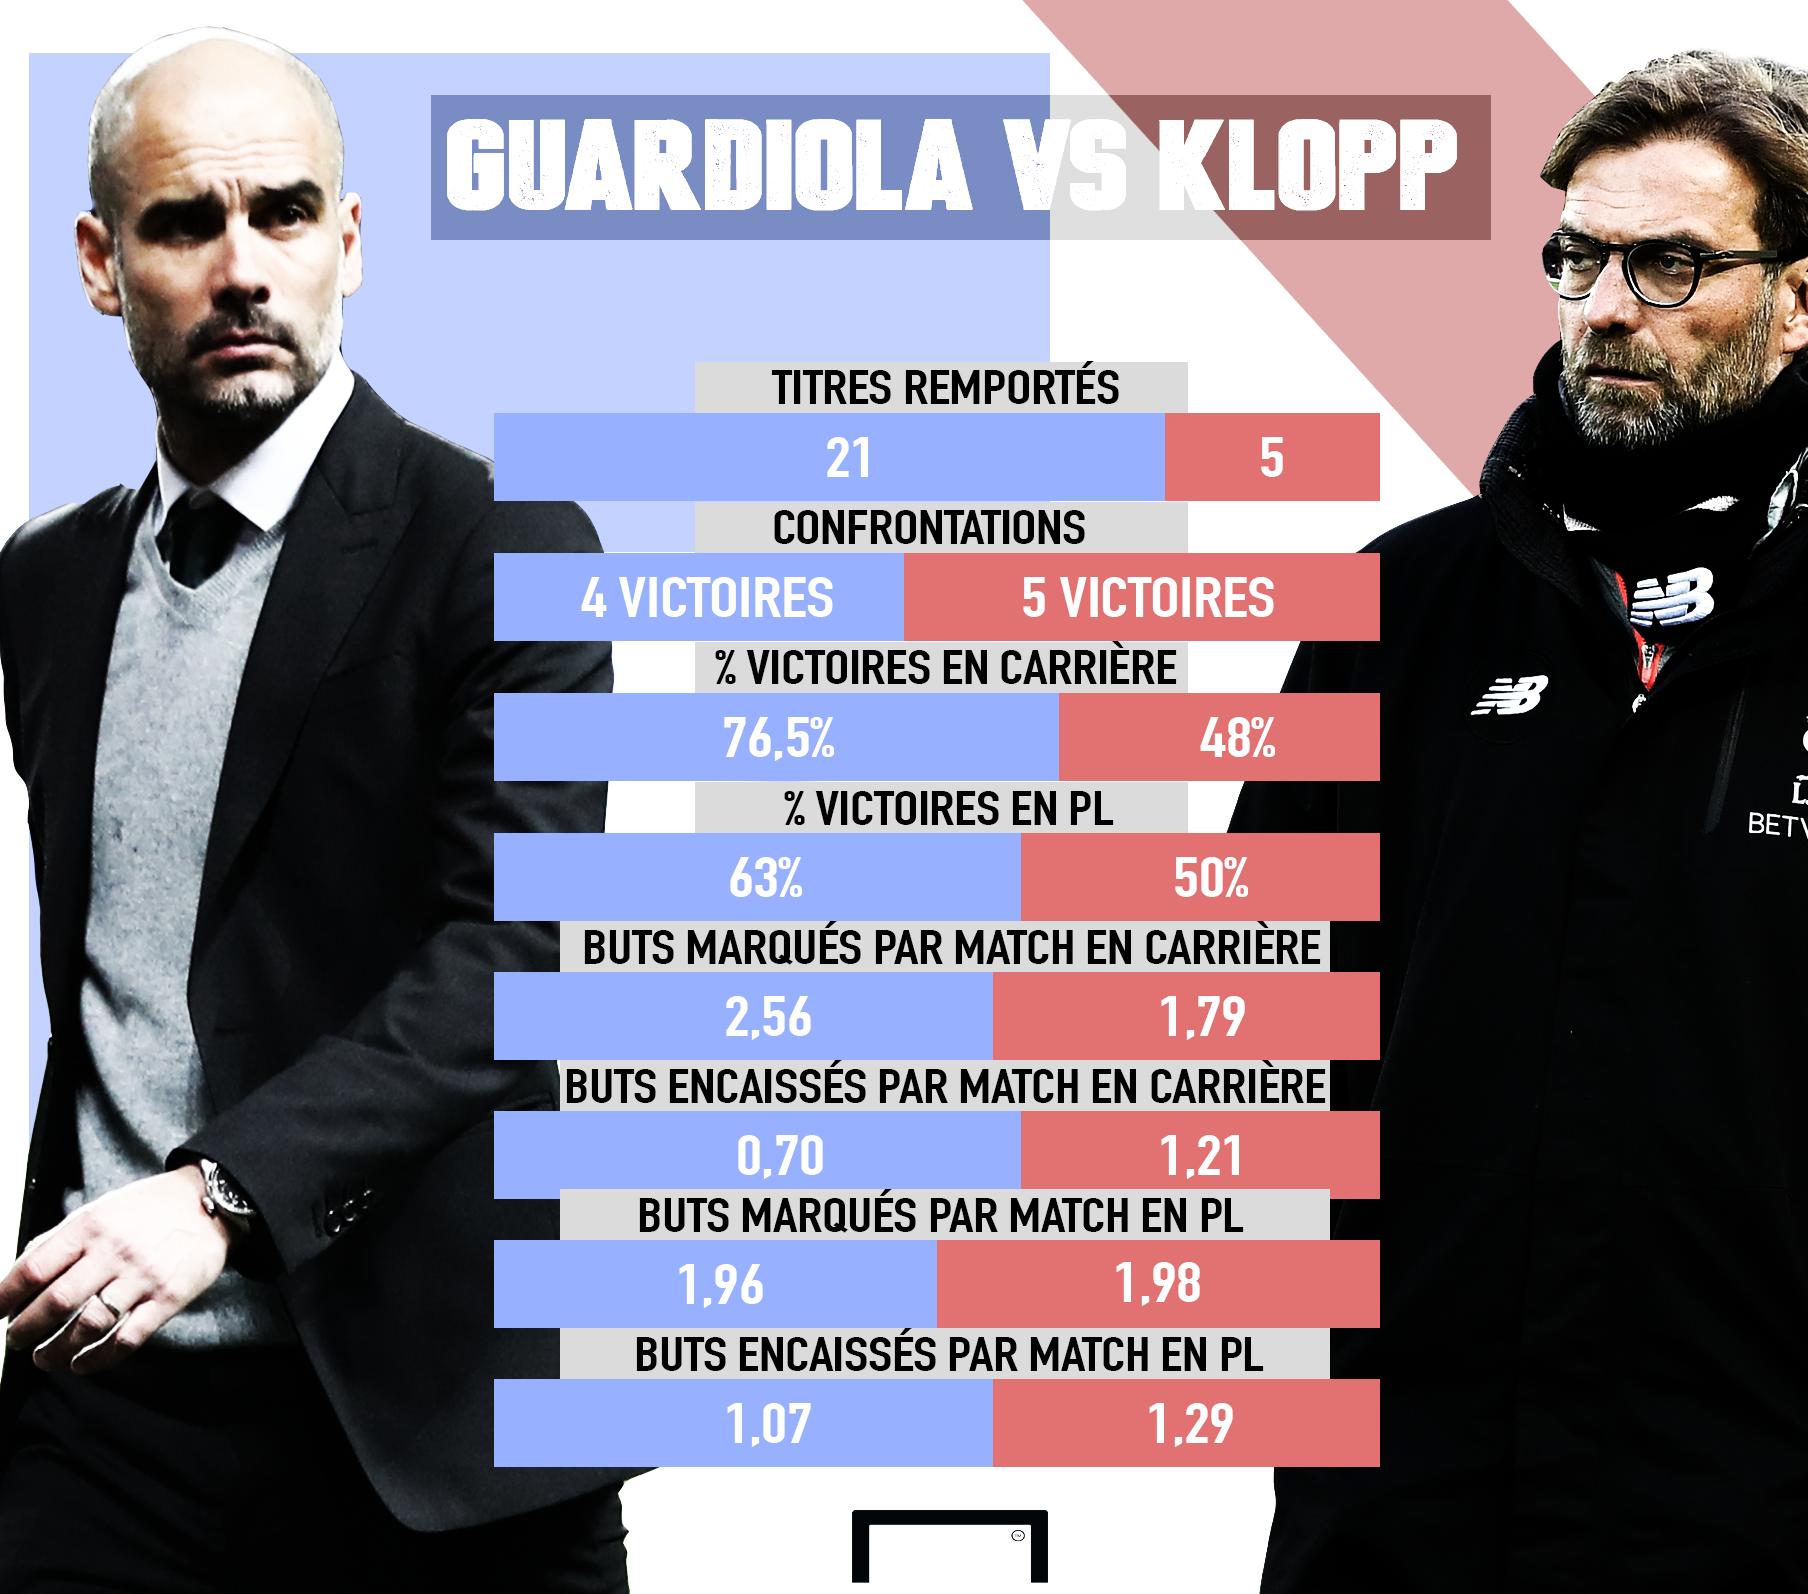 Montage Guardiola vs Klopp